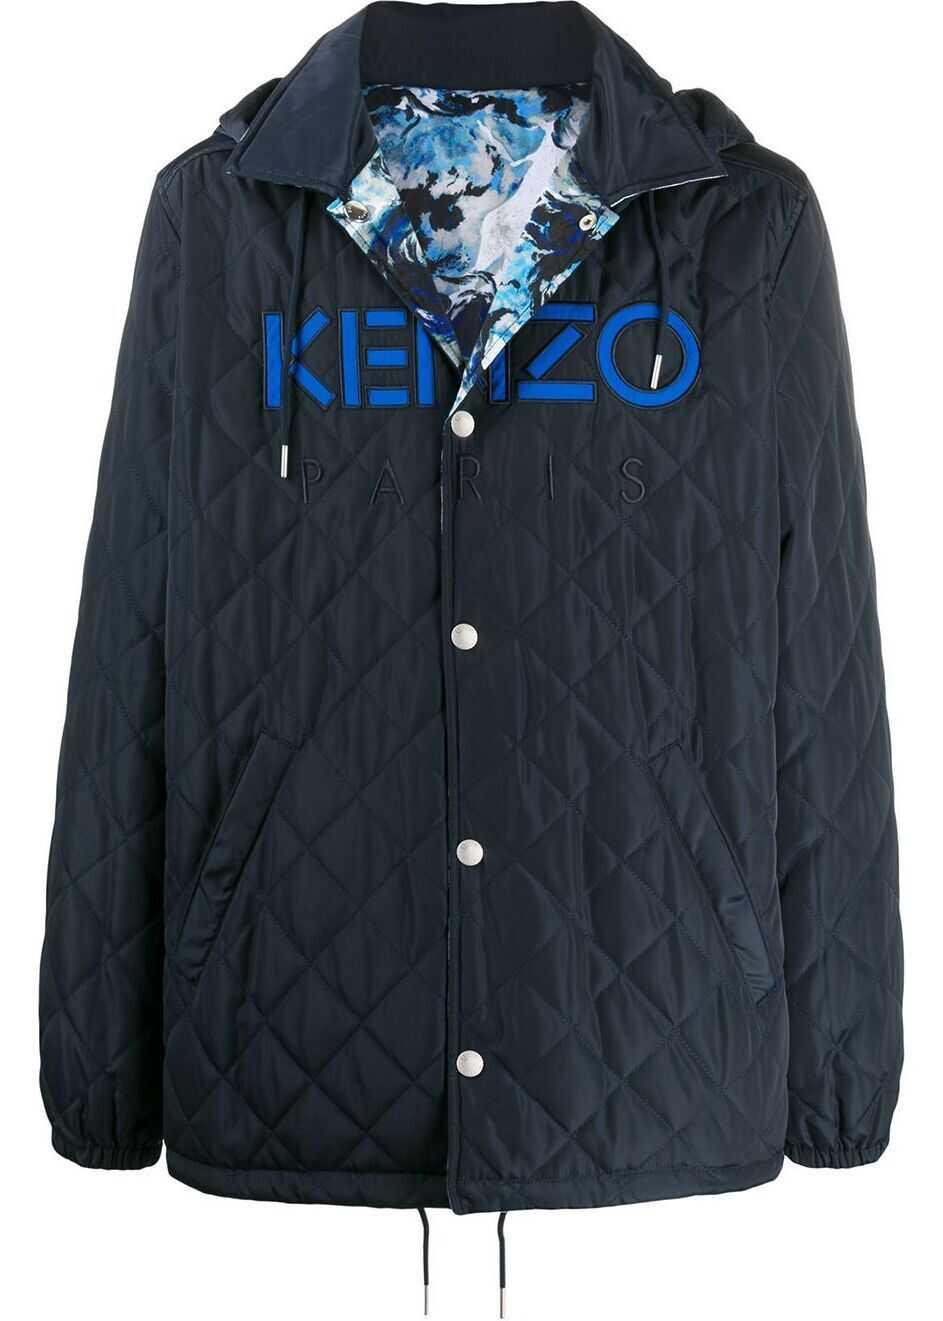 Kenzo Polyester Coat LIGHT BLUE